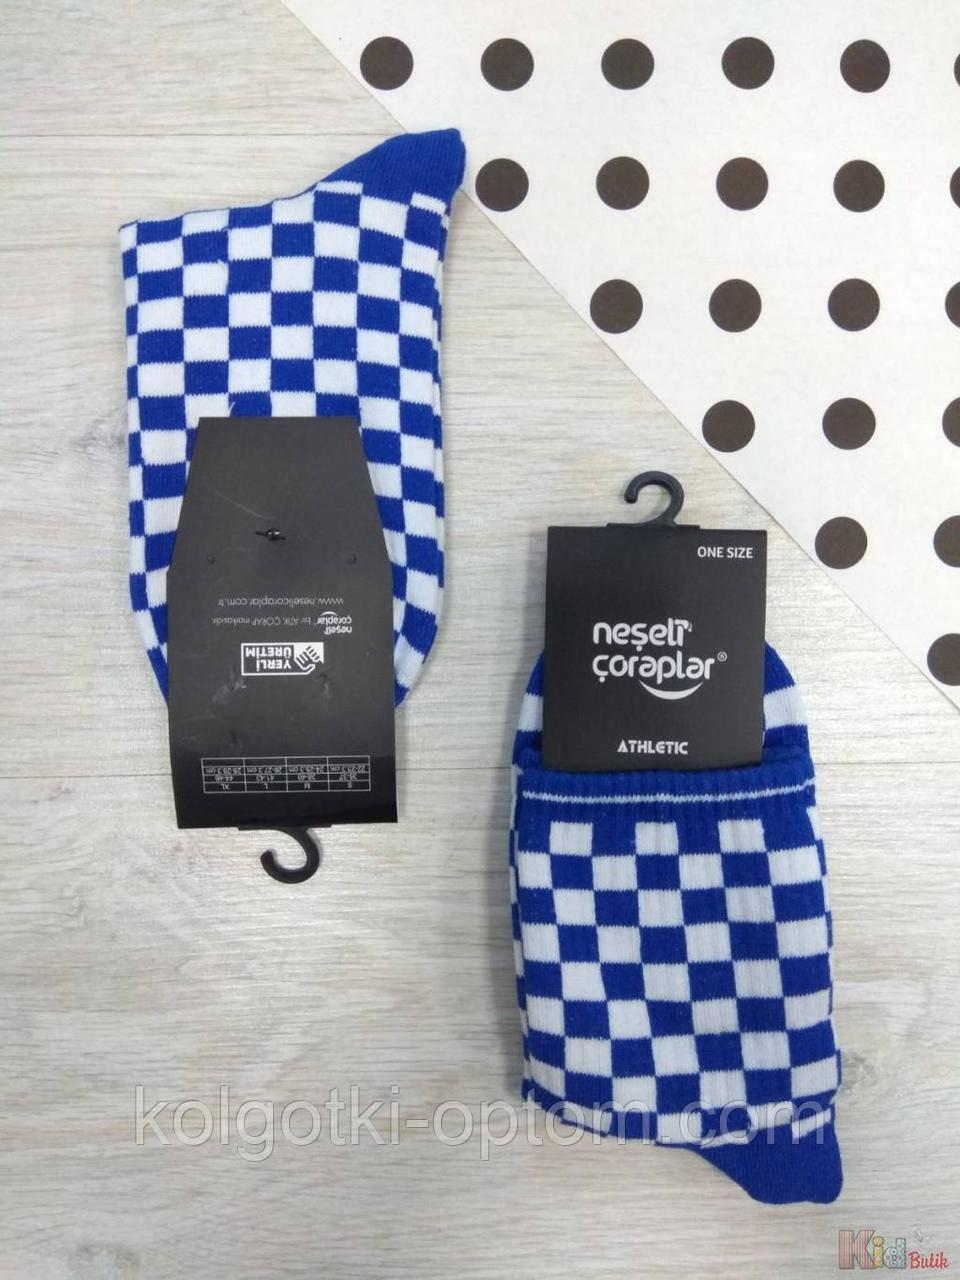 ОПТОМ Шкарпетки високі Athletic Шахмати синие р.37-43 (27 / L / 41-43 см.)  Neseli Coraplar 2125000653761